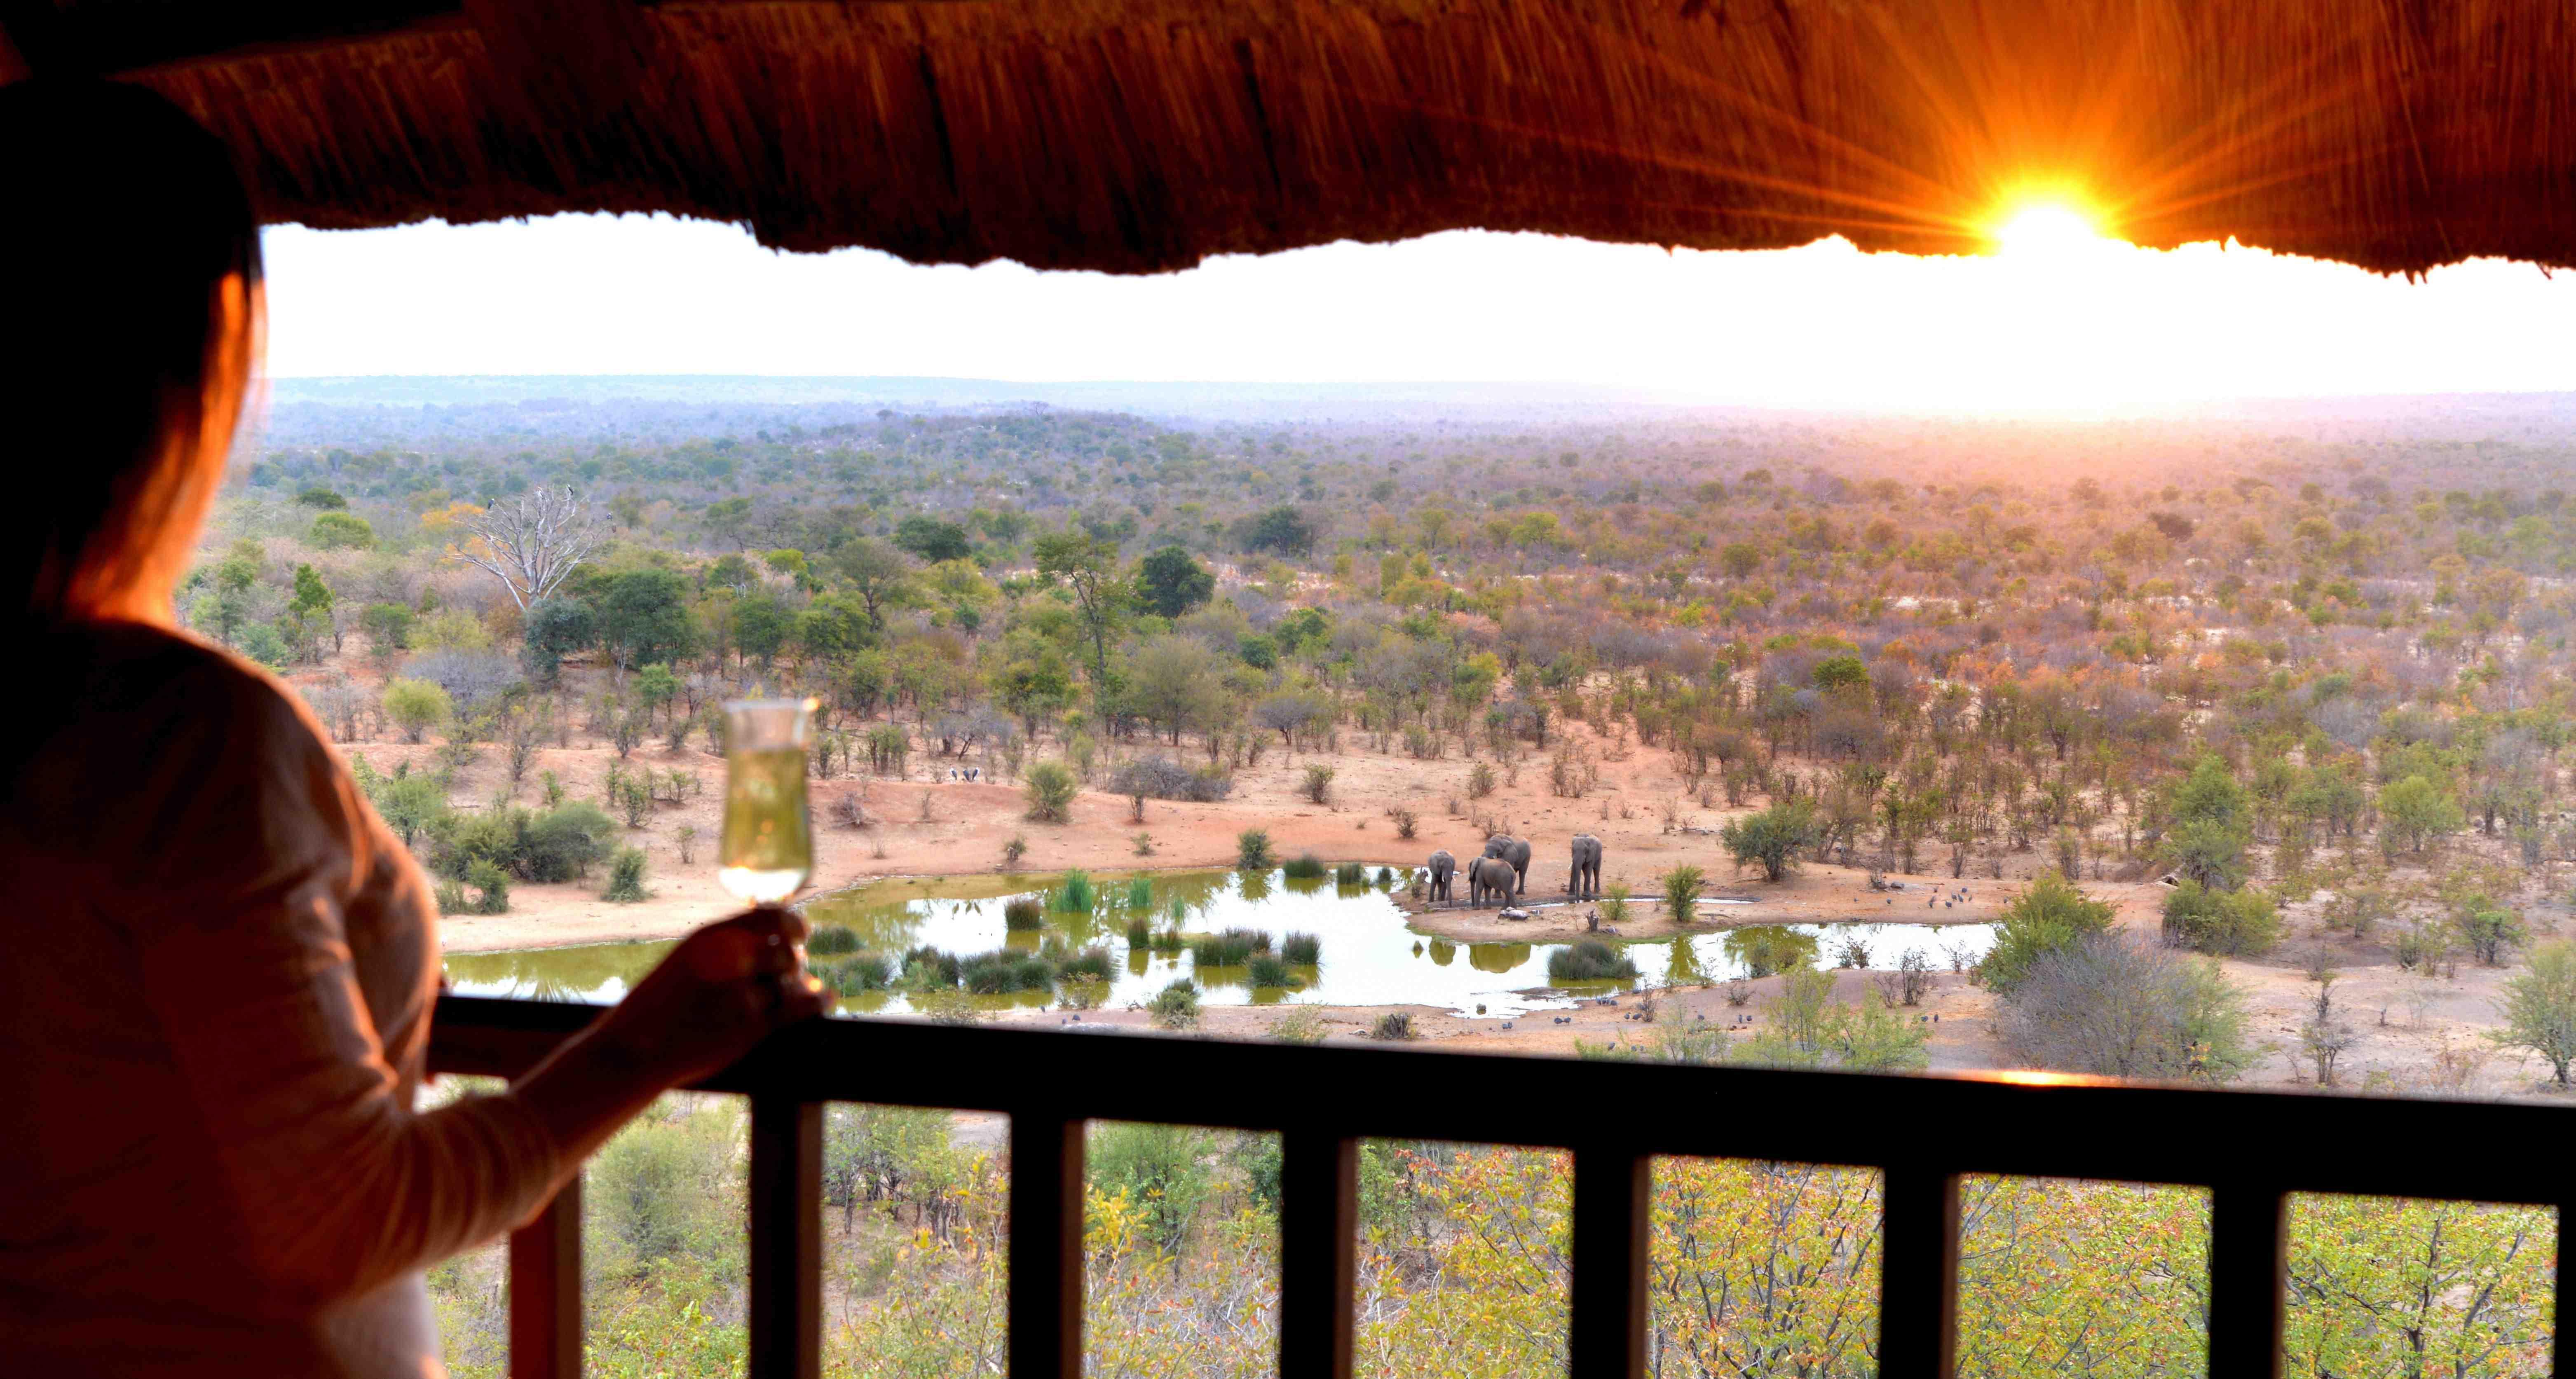 Safari Lodge Room Rates